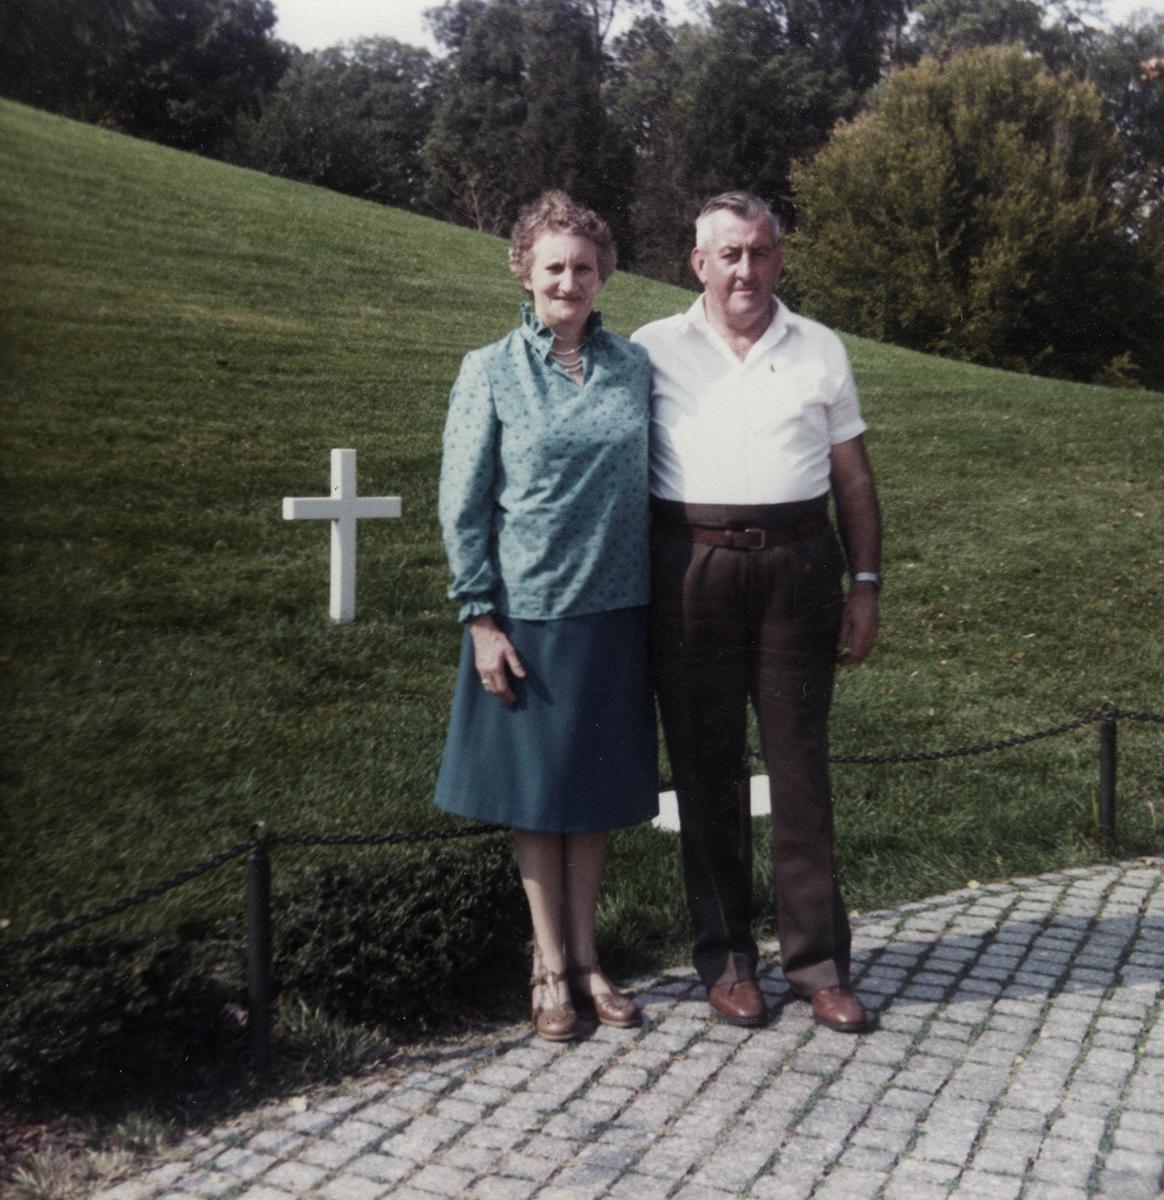 McKeown // County Antrim :: Margaret and George McKeown